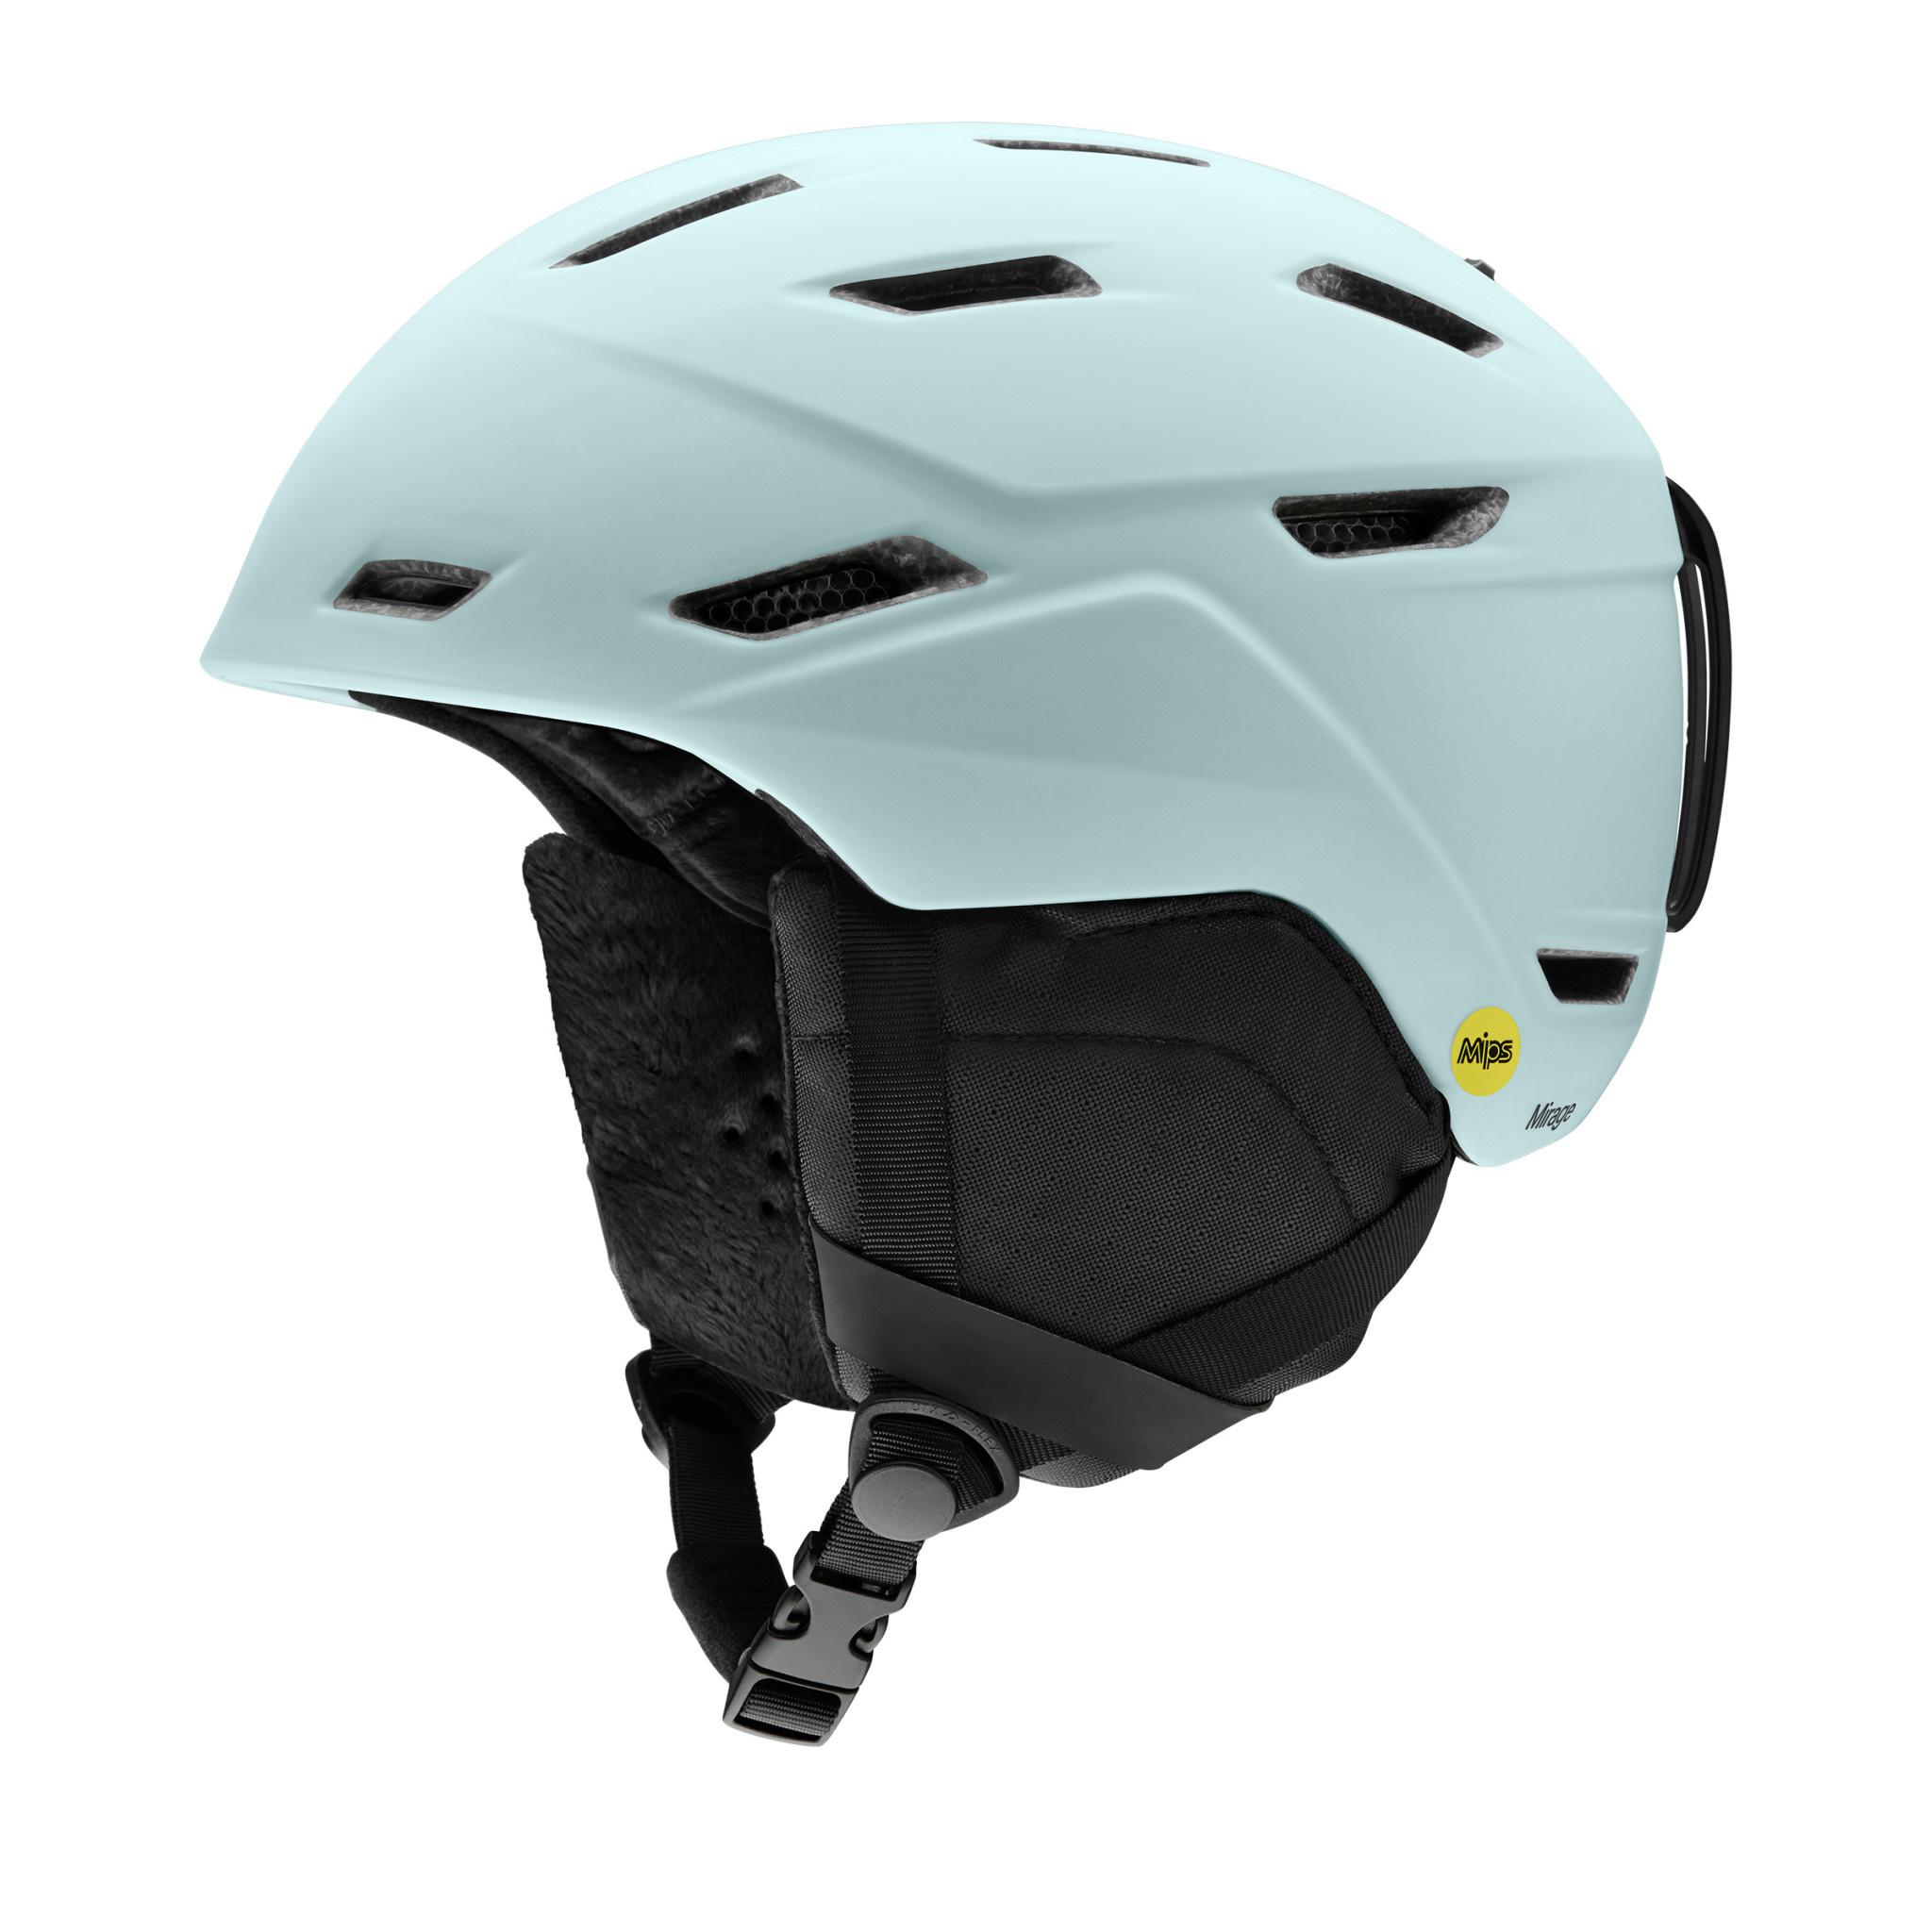 SMITH Mirage Mips Helmet 2019/2020